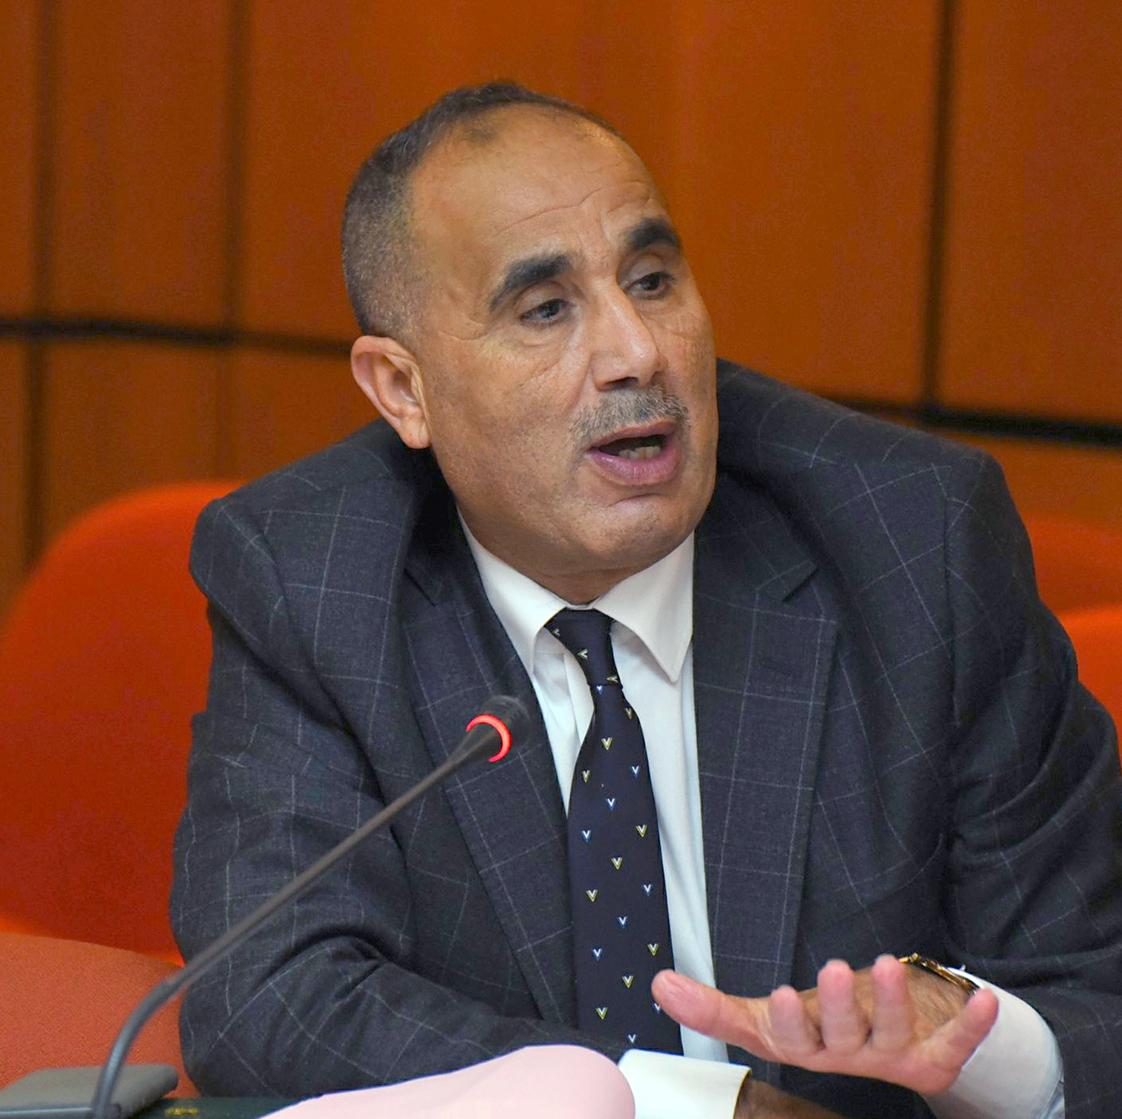 الأخ محمد إدموسى : غياب تشخيص دقيق لتأهيل البنيات الصحية